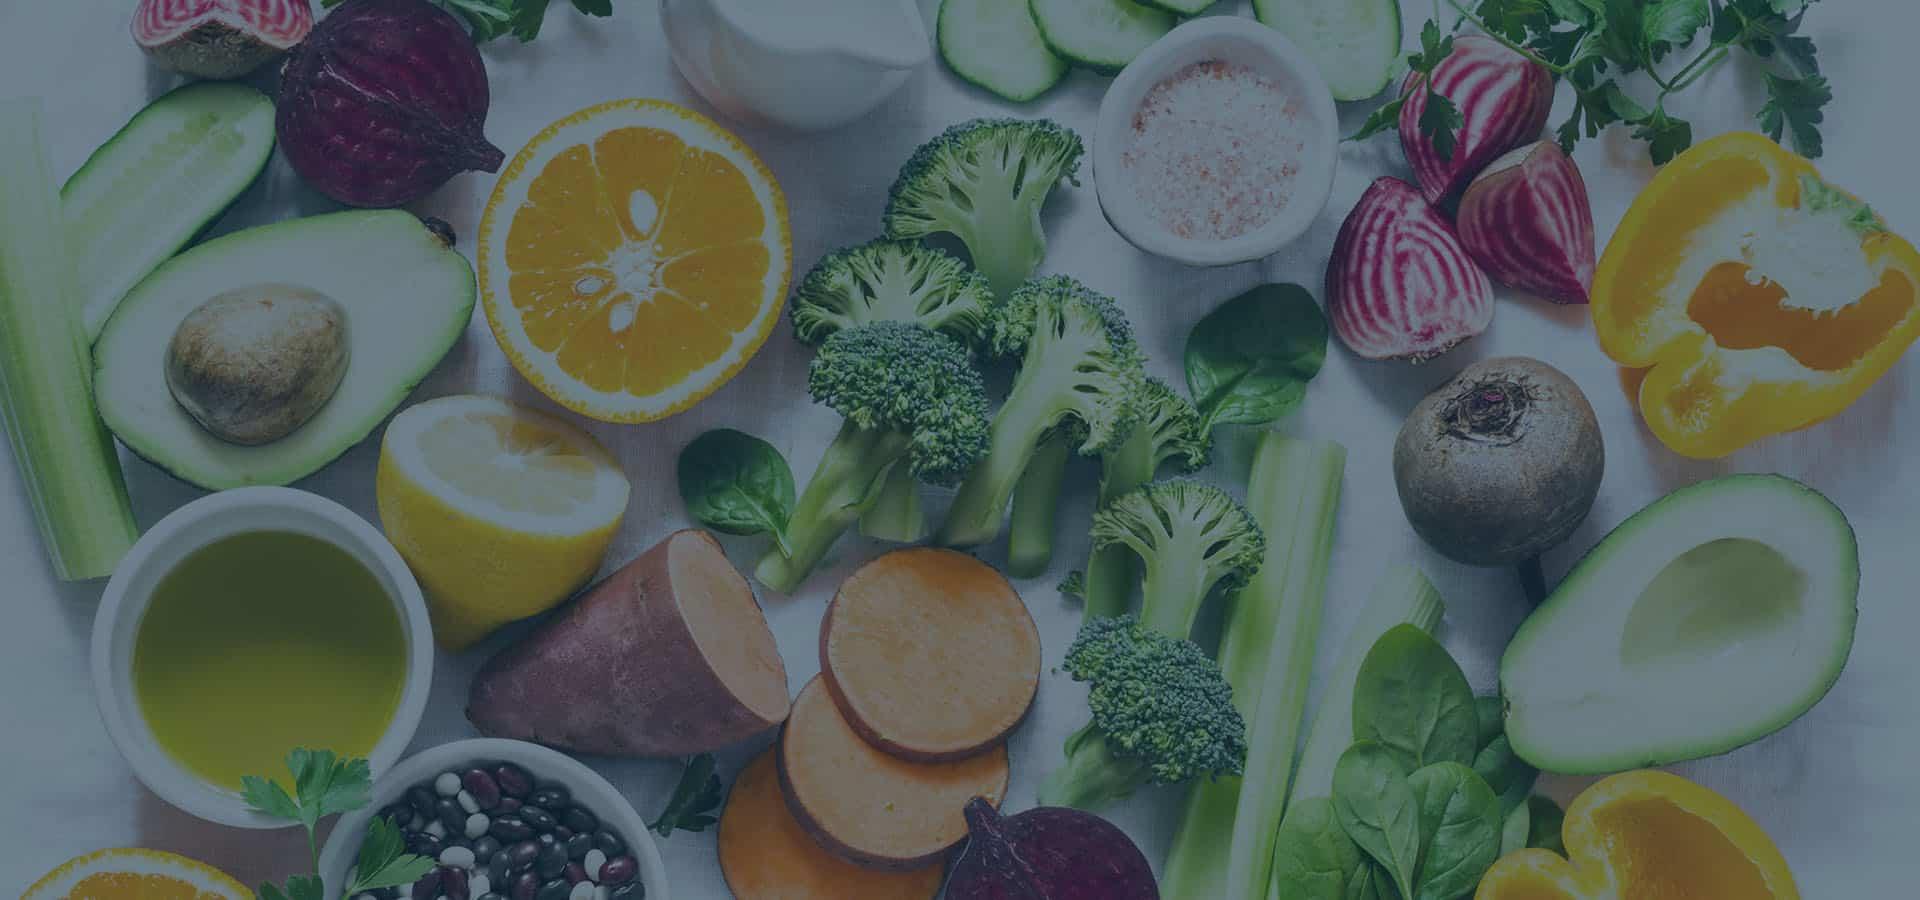 slide2 food fullcontent